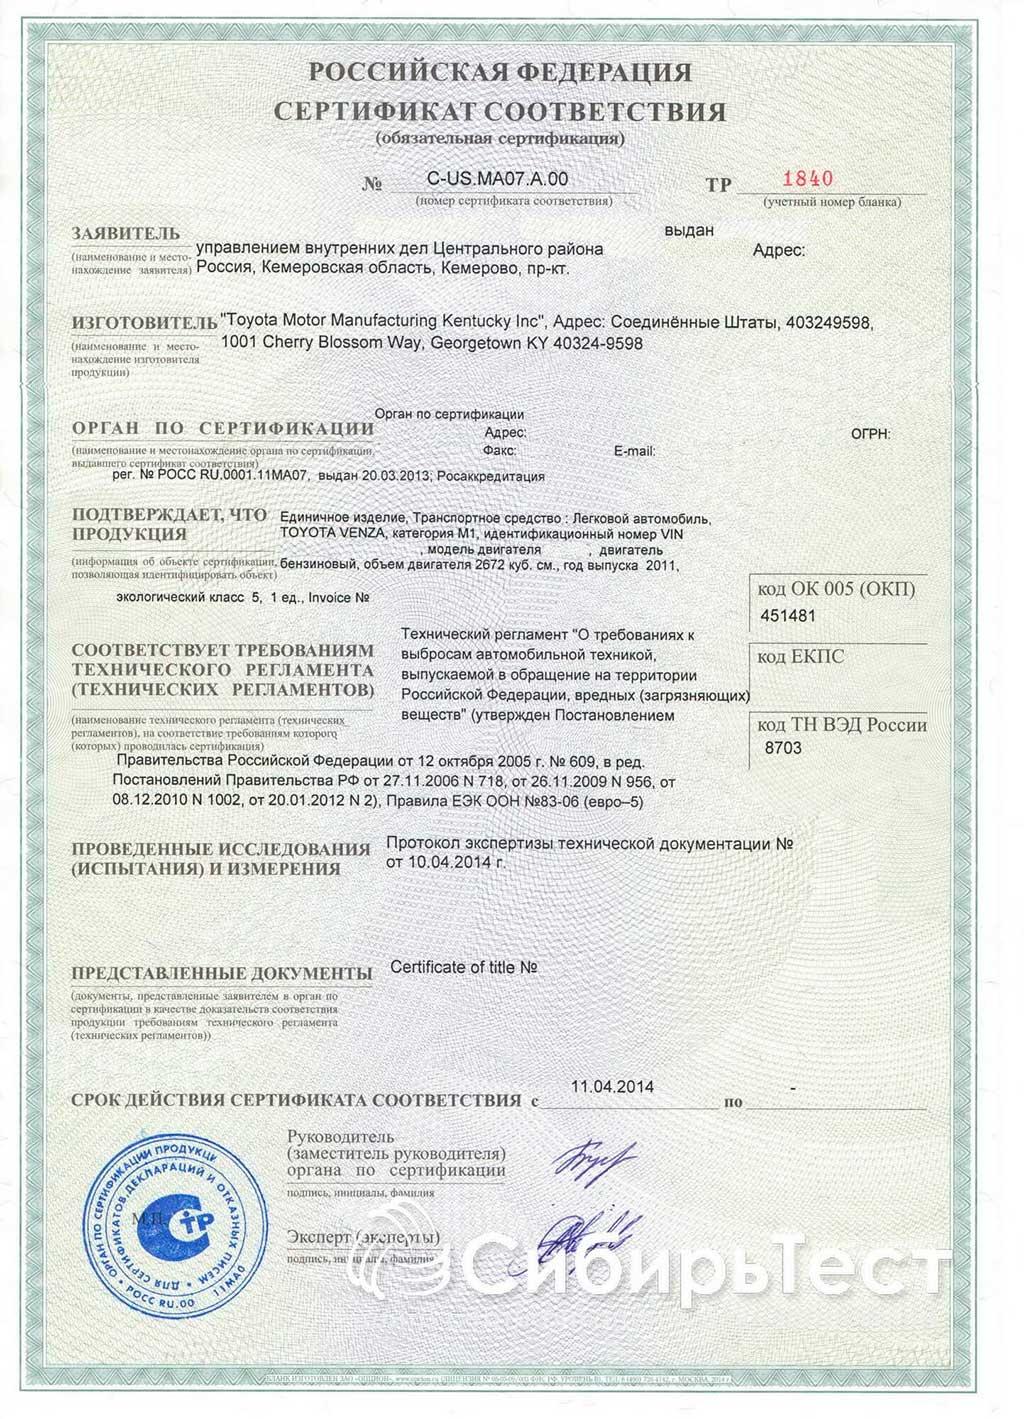 бланк удостоверения качества на кондитерские изделия